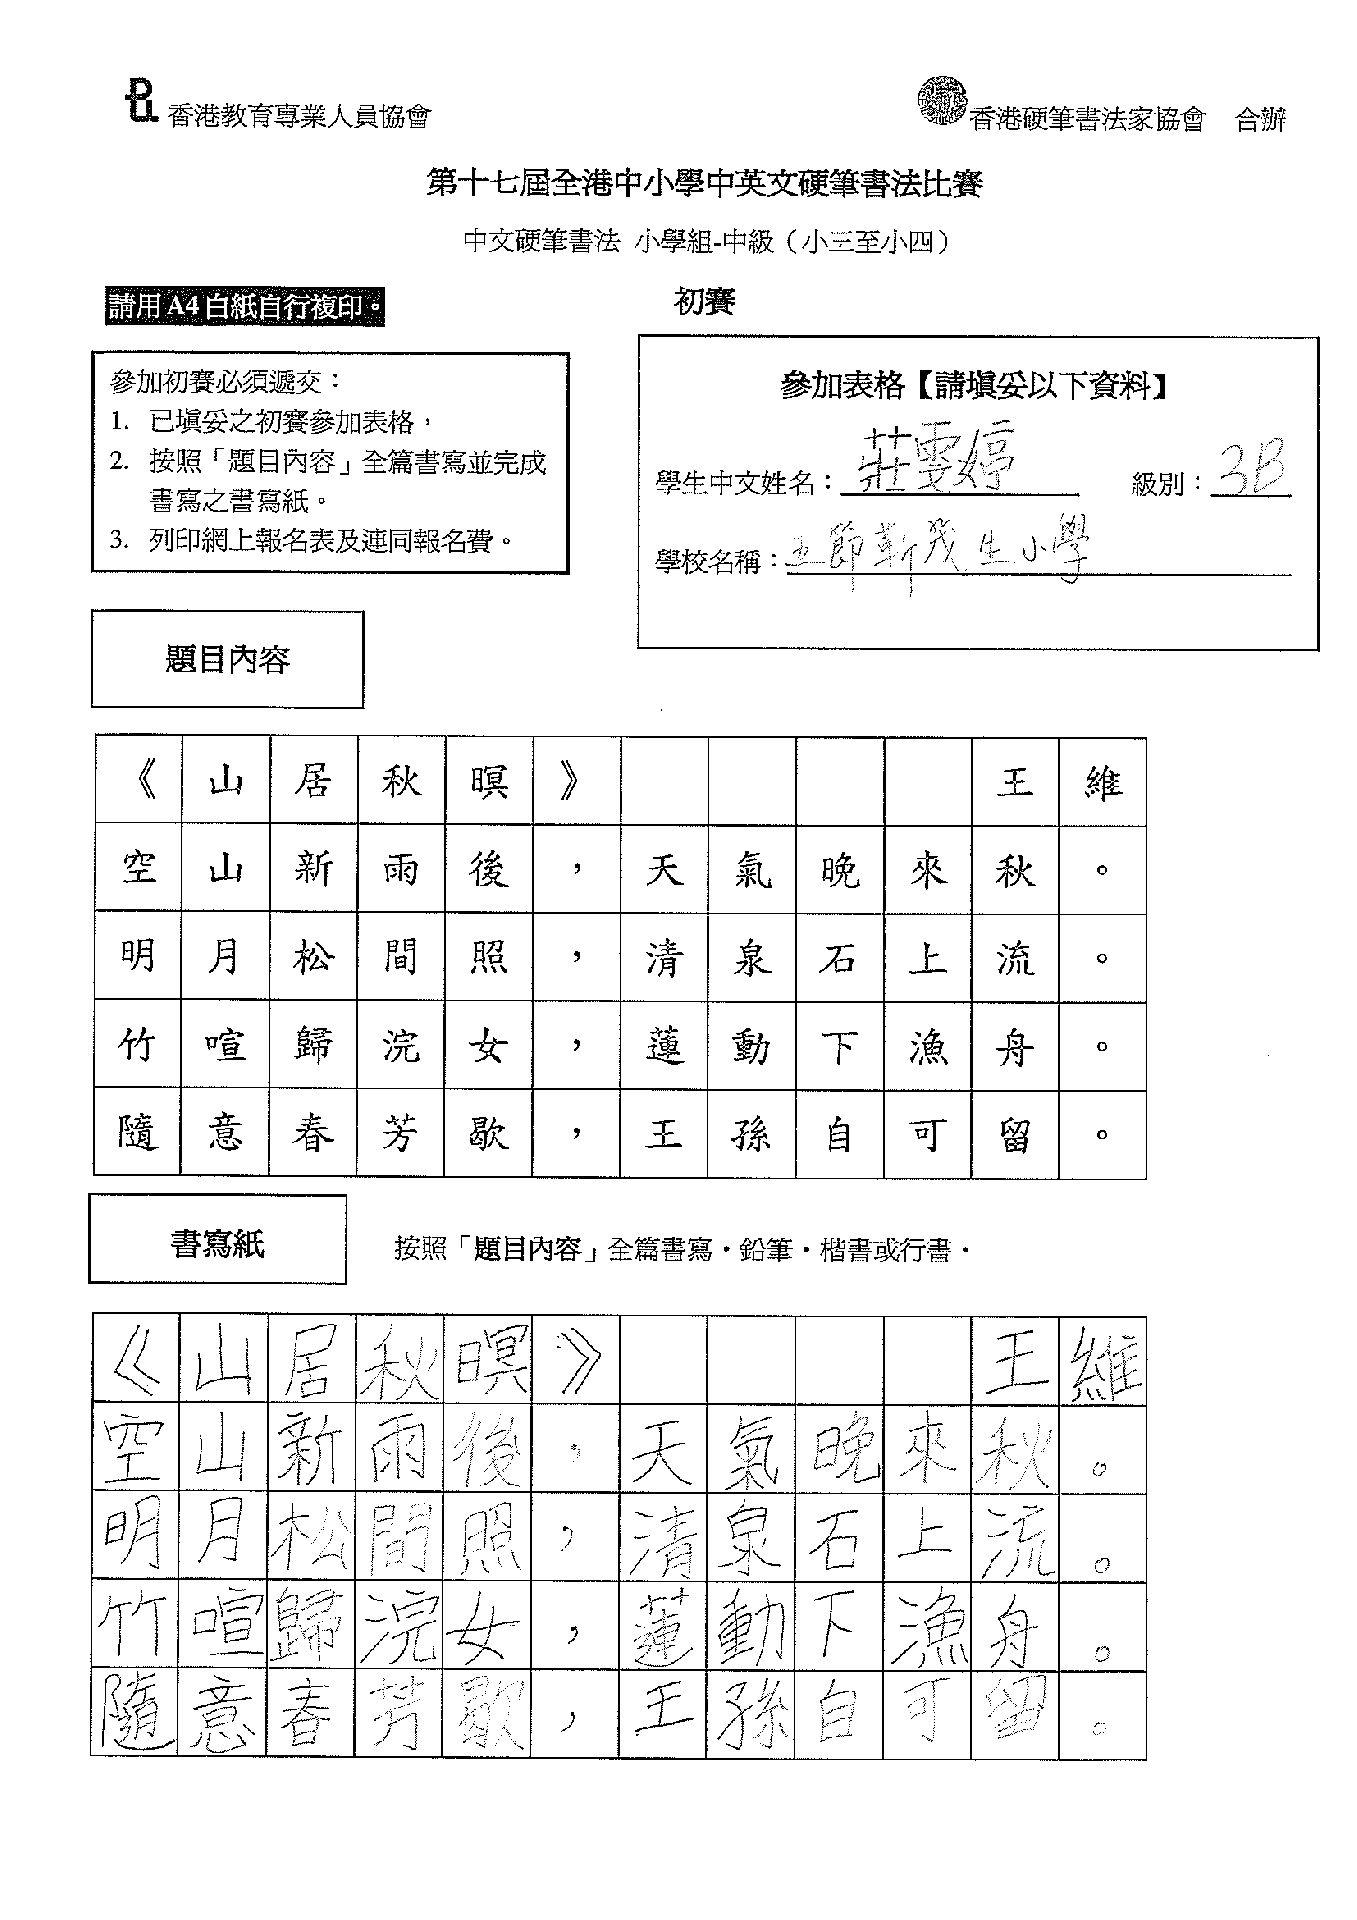 比赛名称 第十七届全港中小学中英文硬笔书法比赛